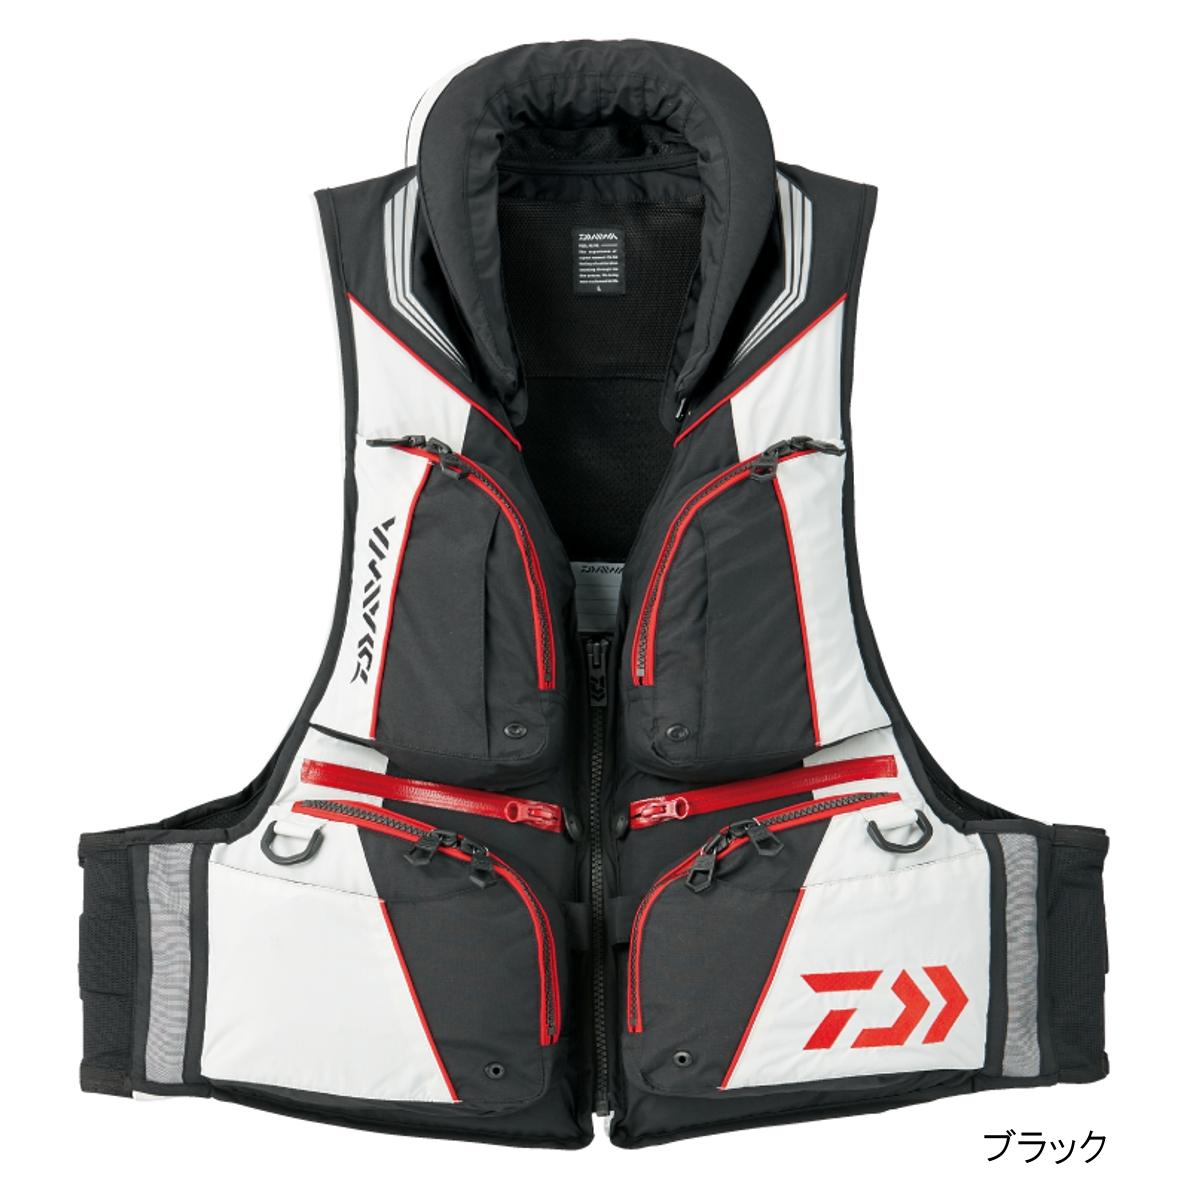 ダイワ トーナメント バリアテック 枕つきサイバーフロート DF-3508 2XL ブラック